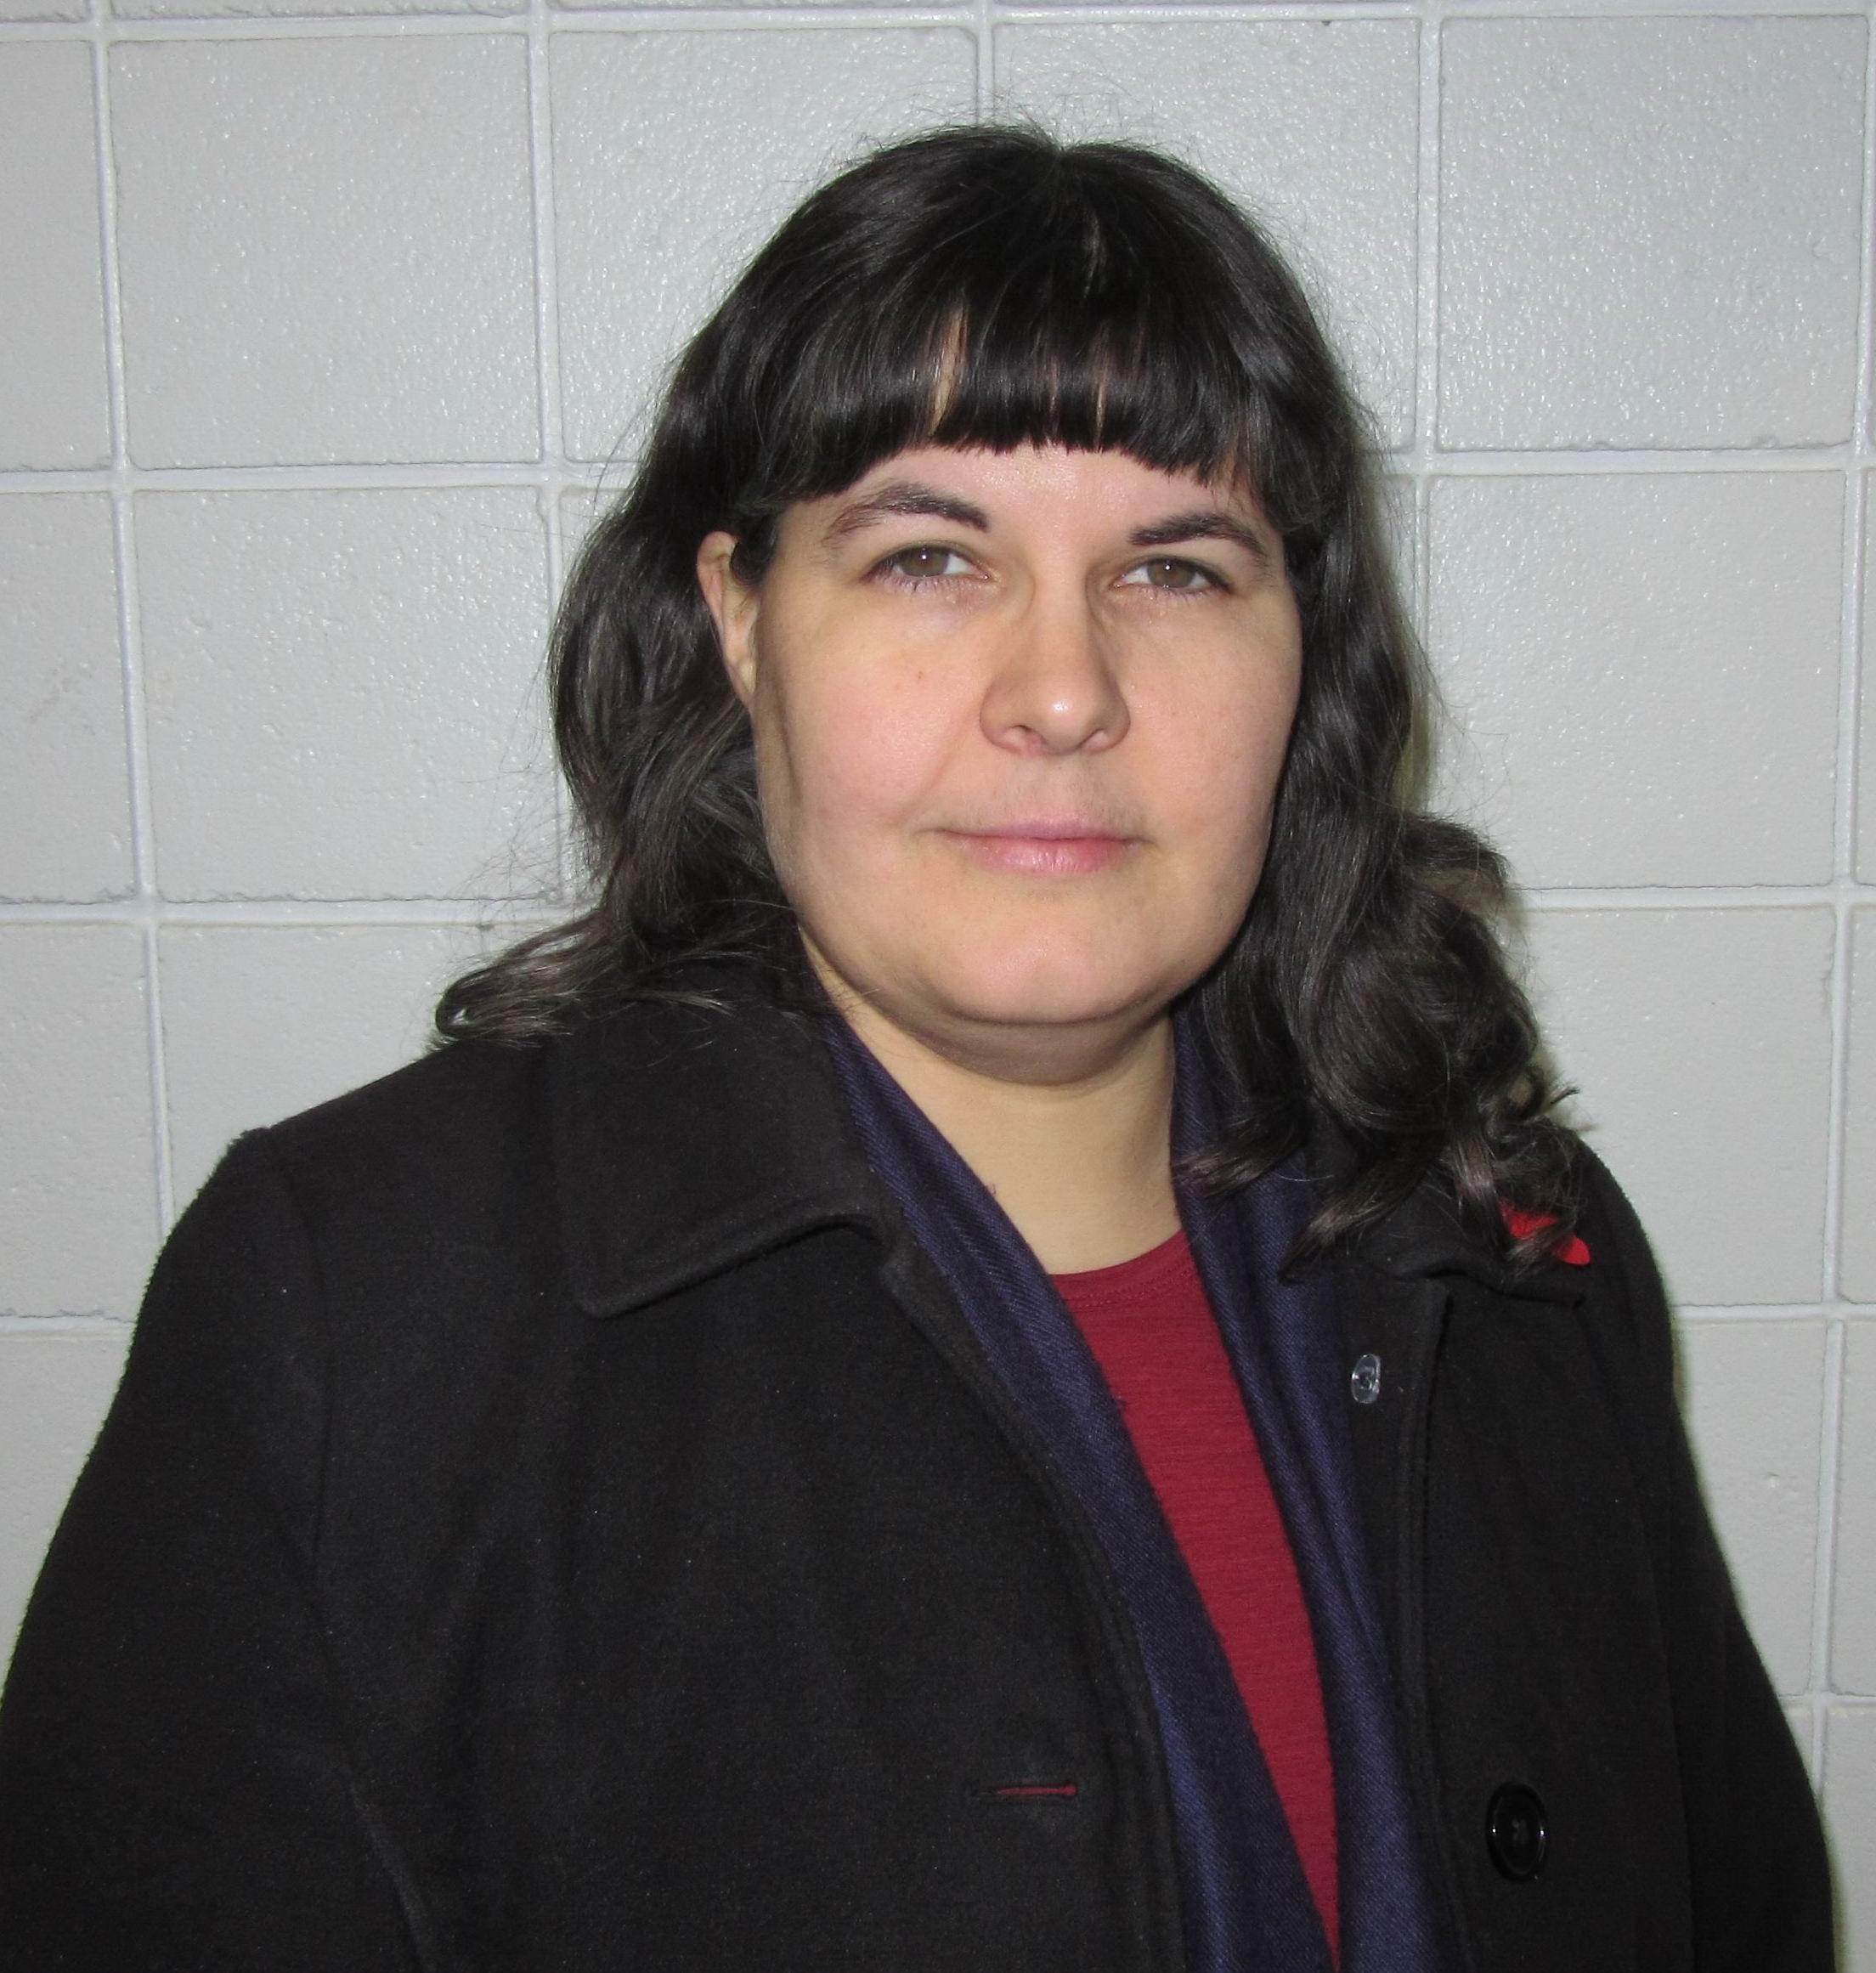 Jennifer Shrubsole